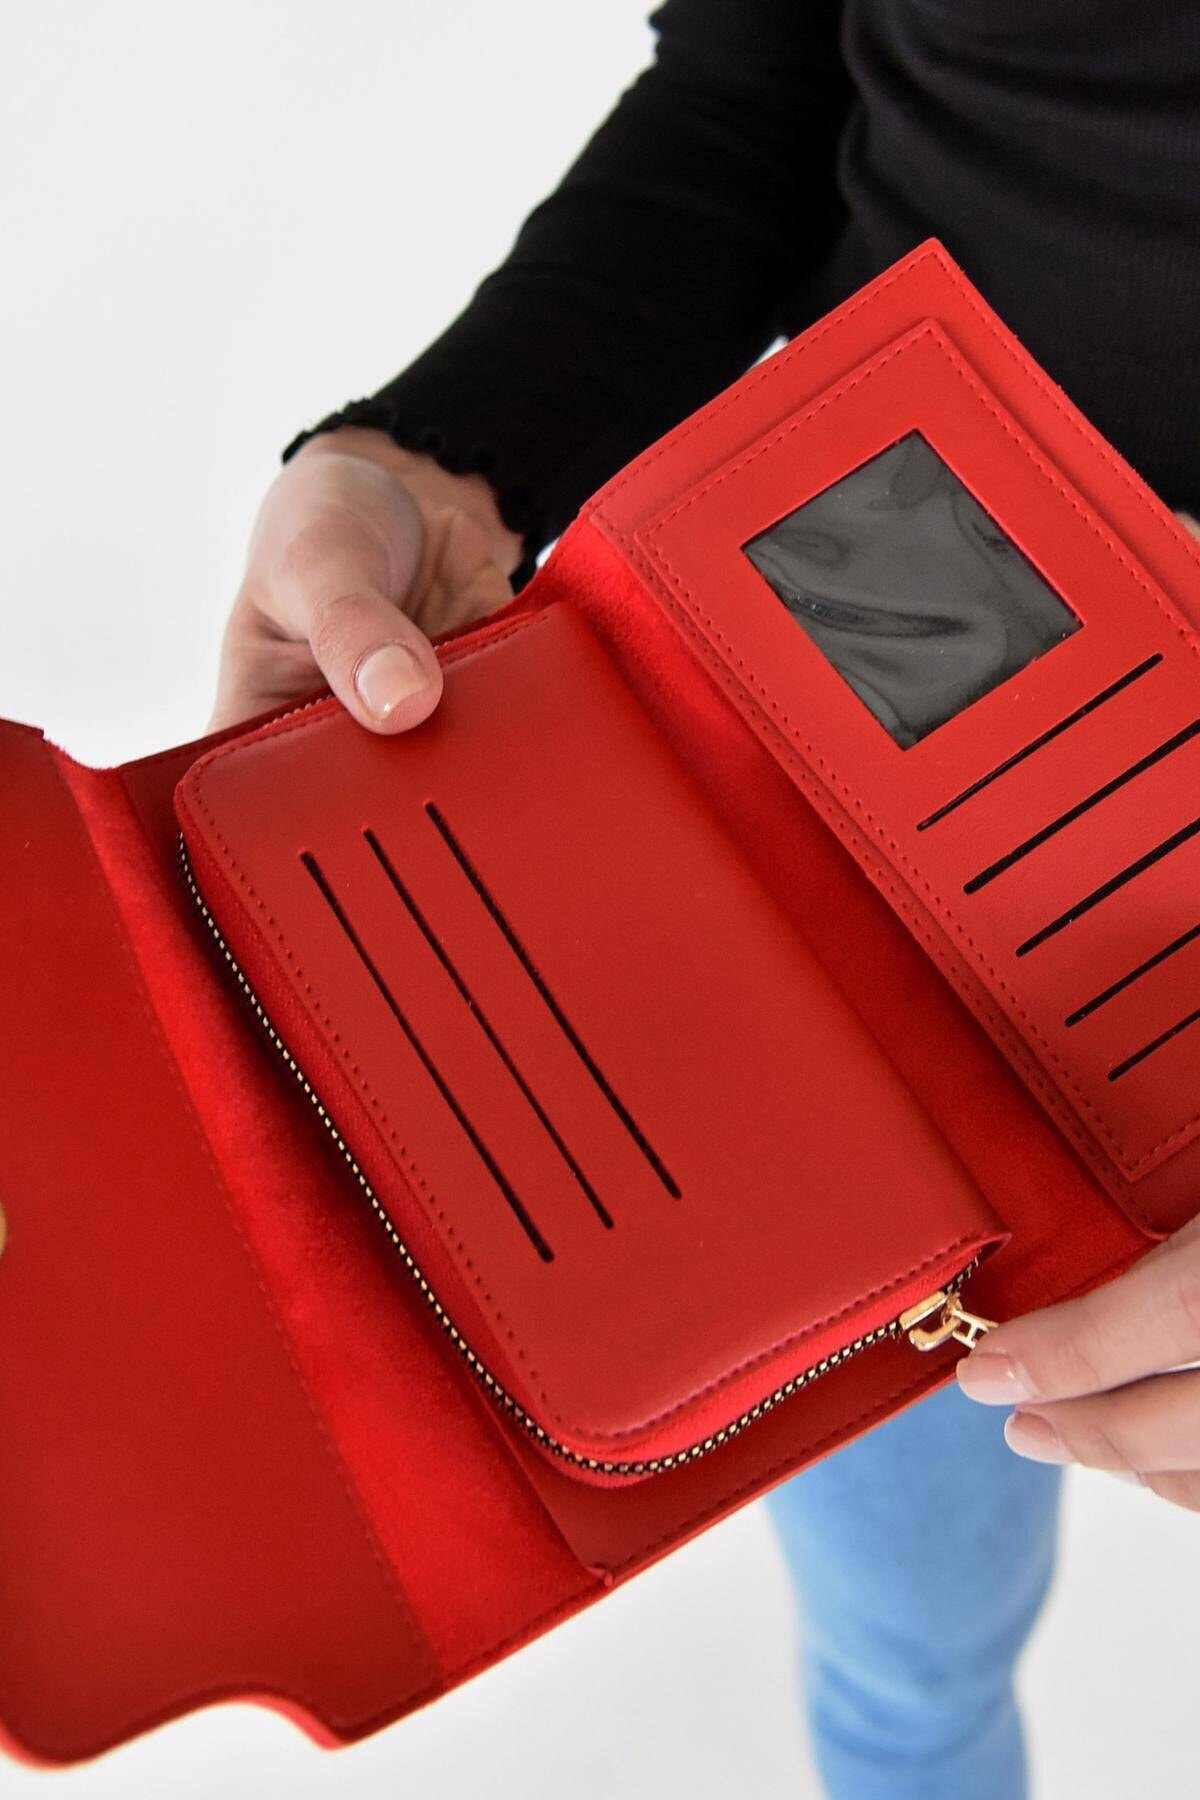 Addax Kadın Kırmızı Cüzdan Czdn55 - F6 ADX-0000019896 2